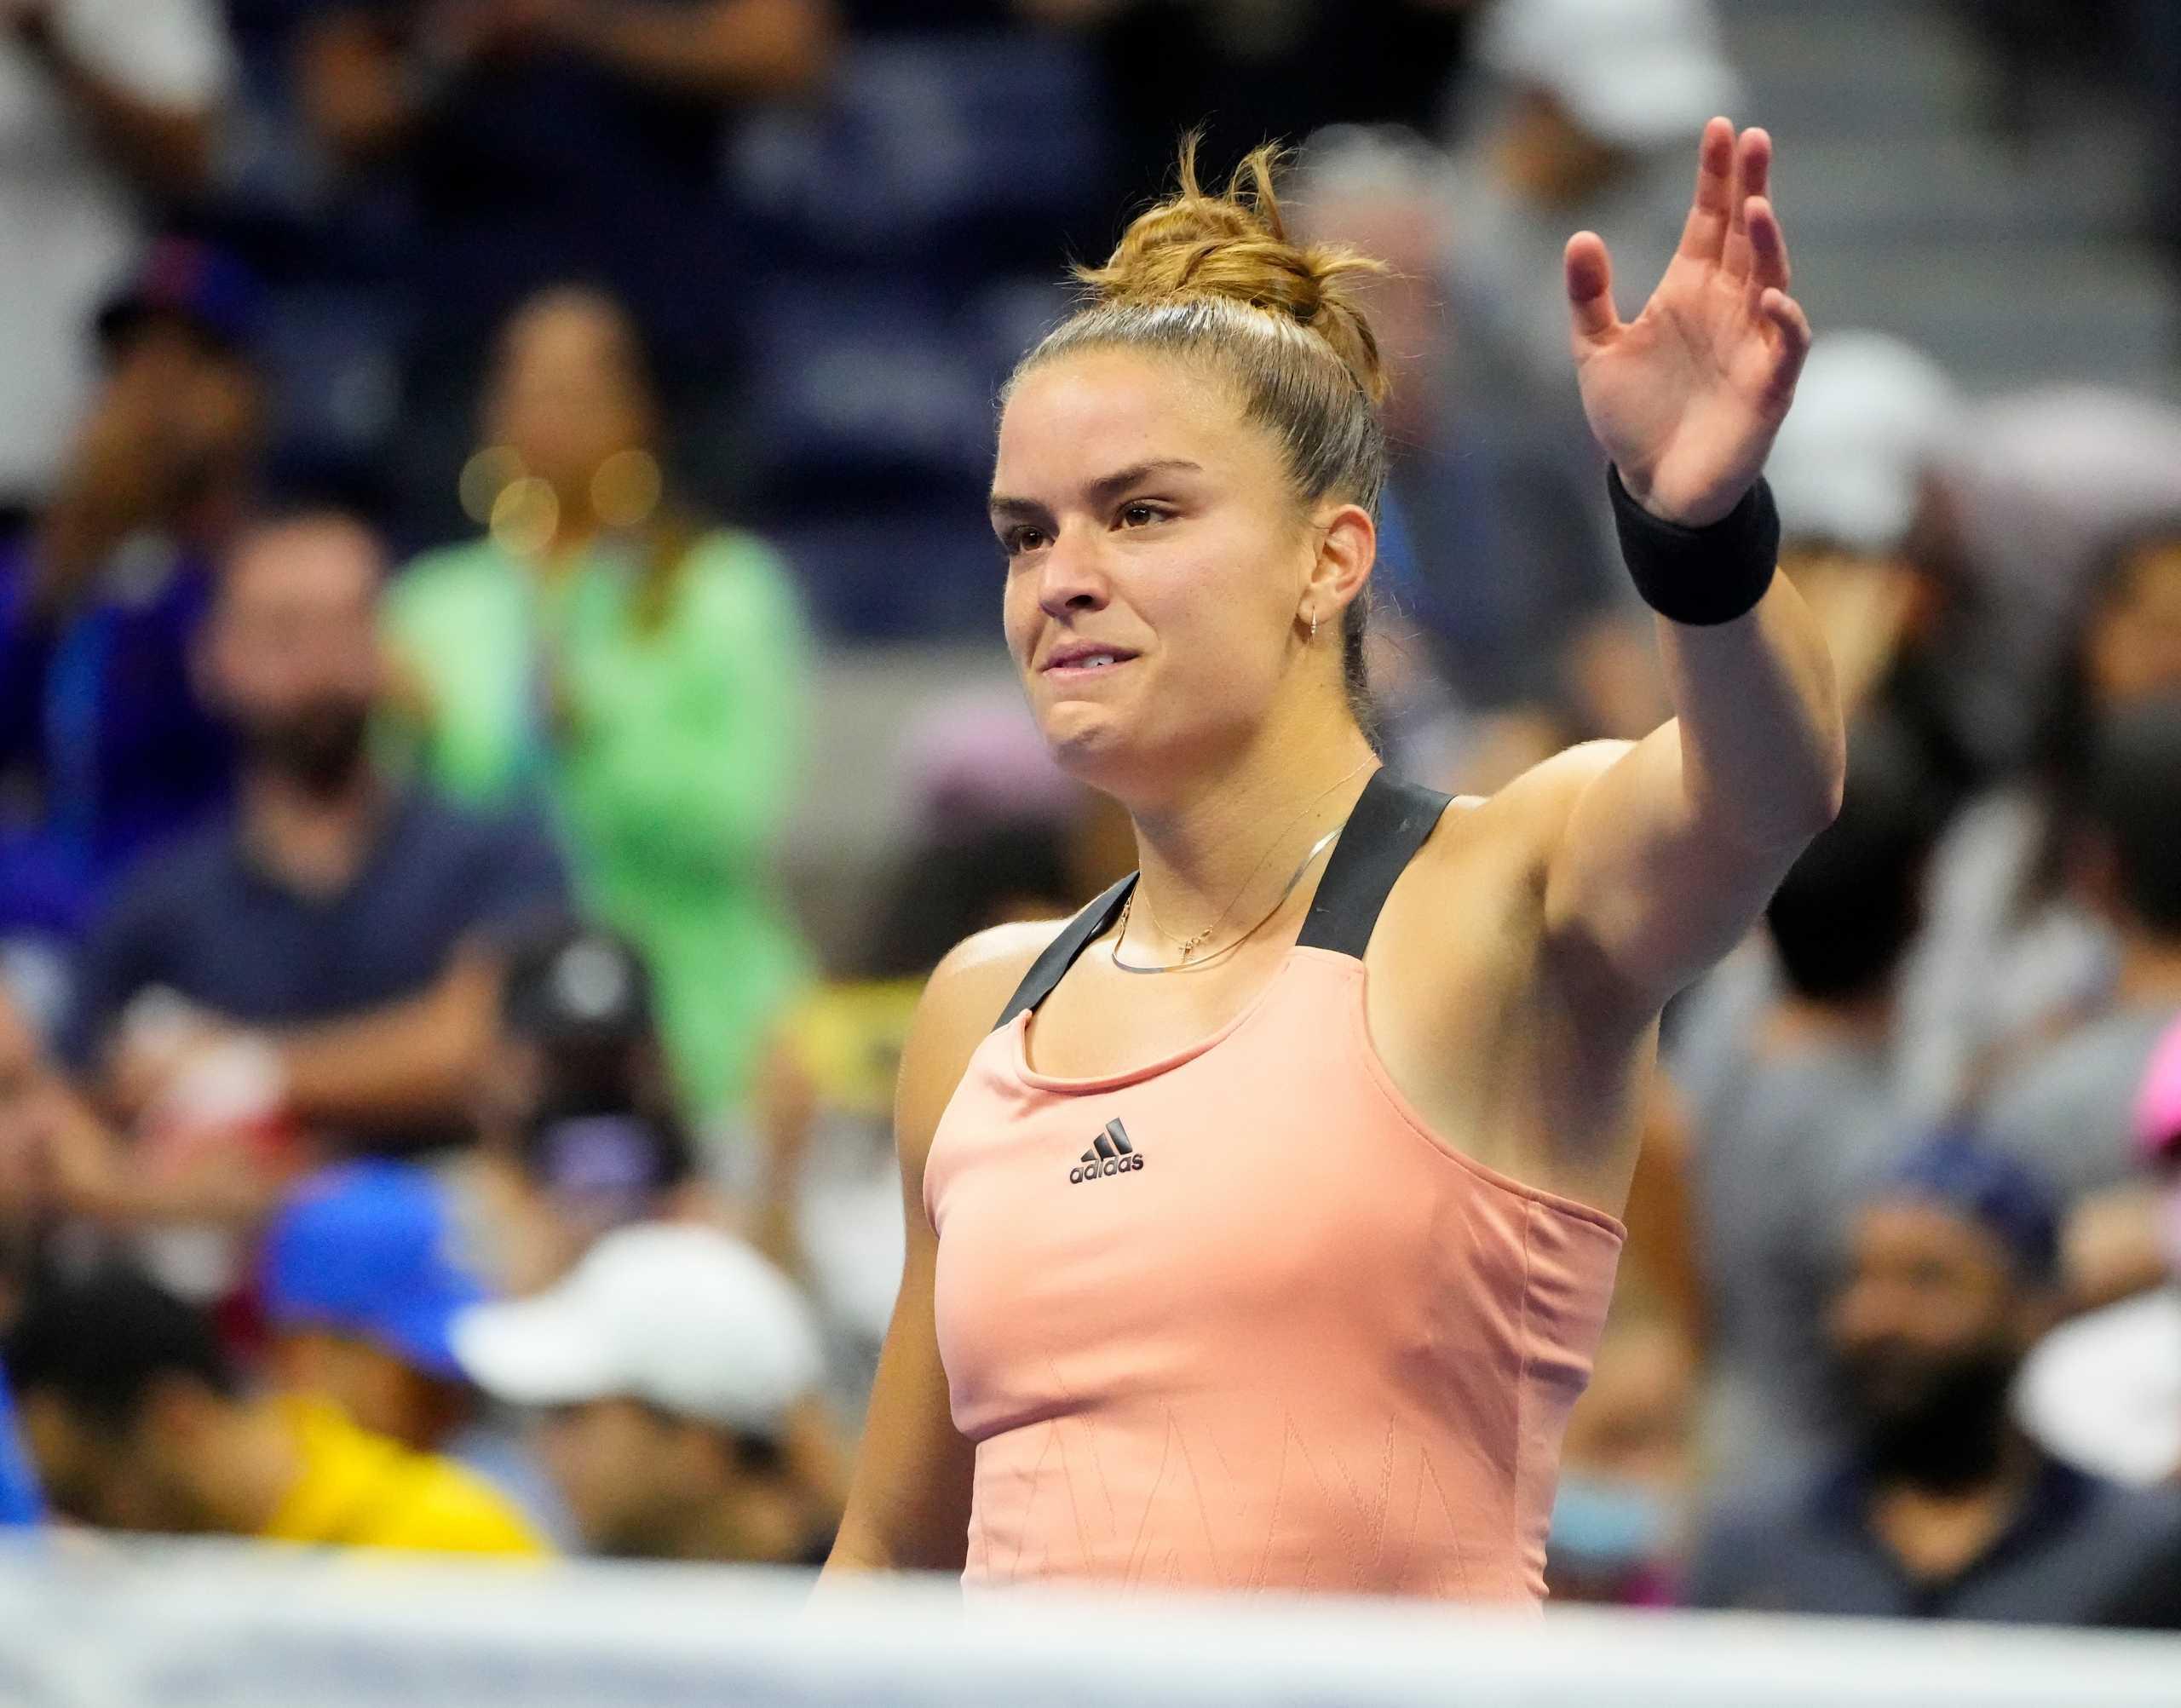 Μαρία Σάκκαρη – Καρολίνα Πλίσκοβα: Η ώρα διεξαγωγής του προημιτελικού στο US Open